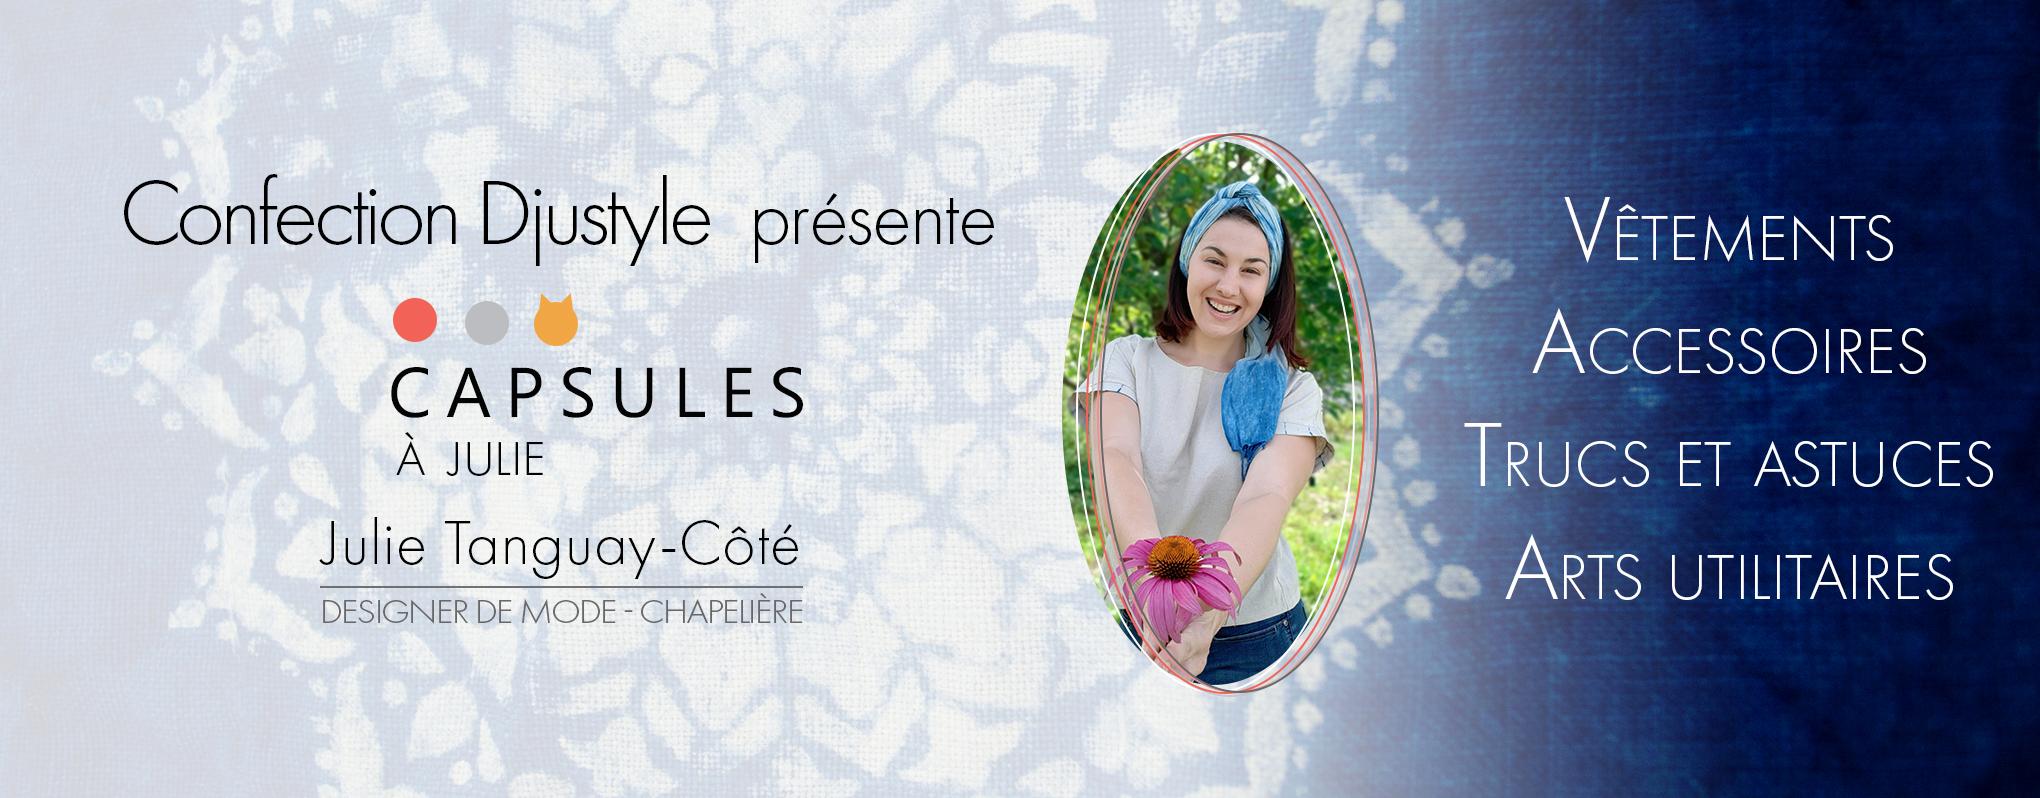 banière_youtube_djustyle_site web